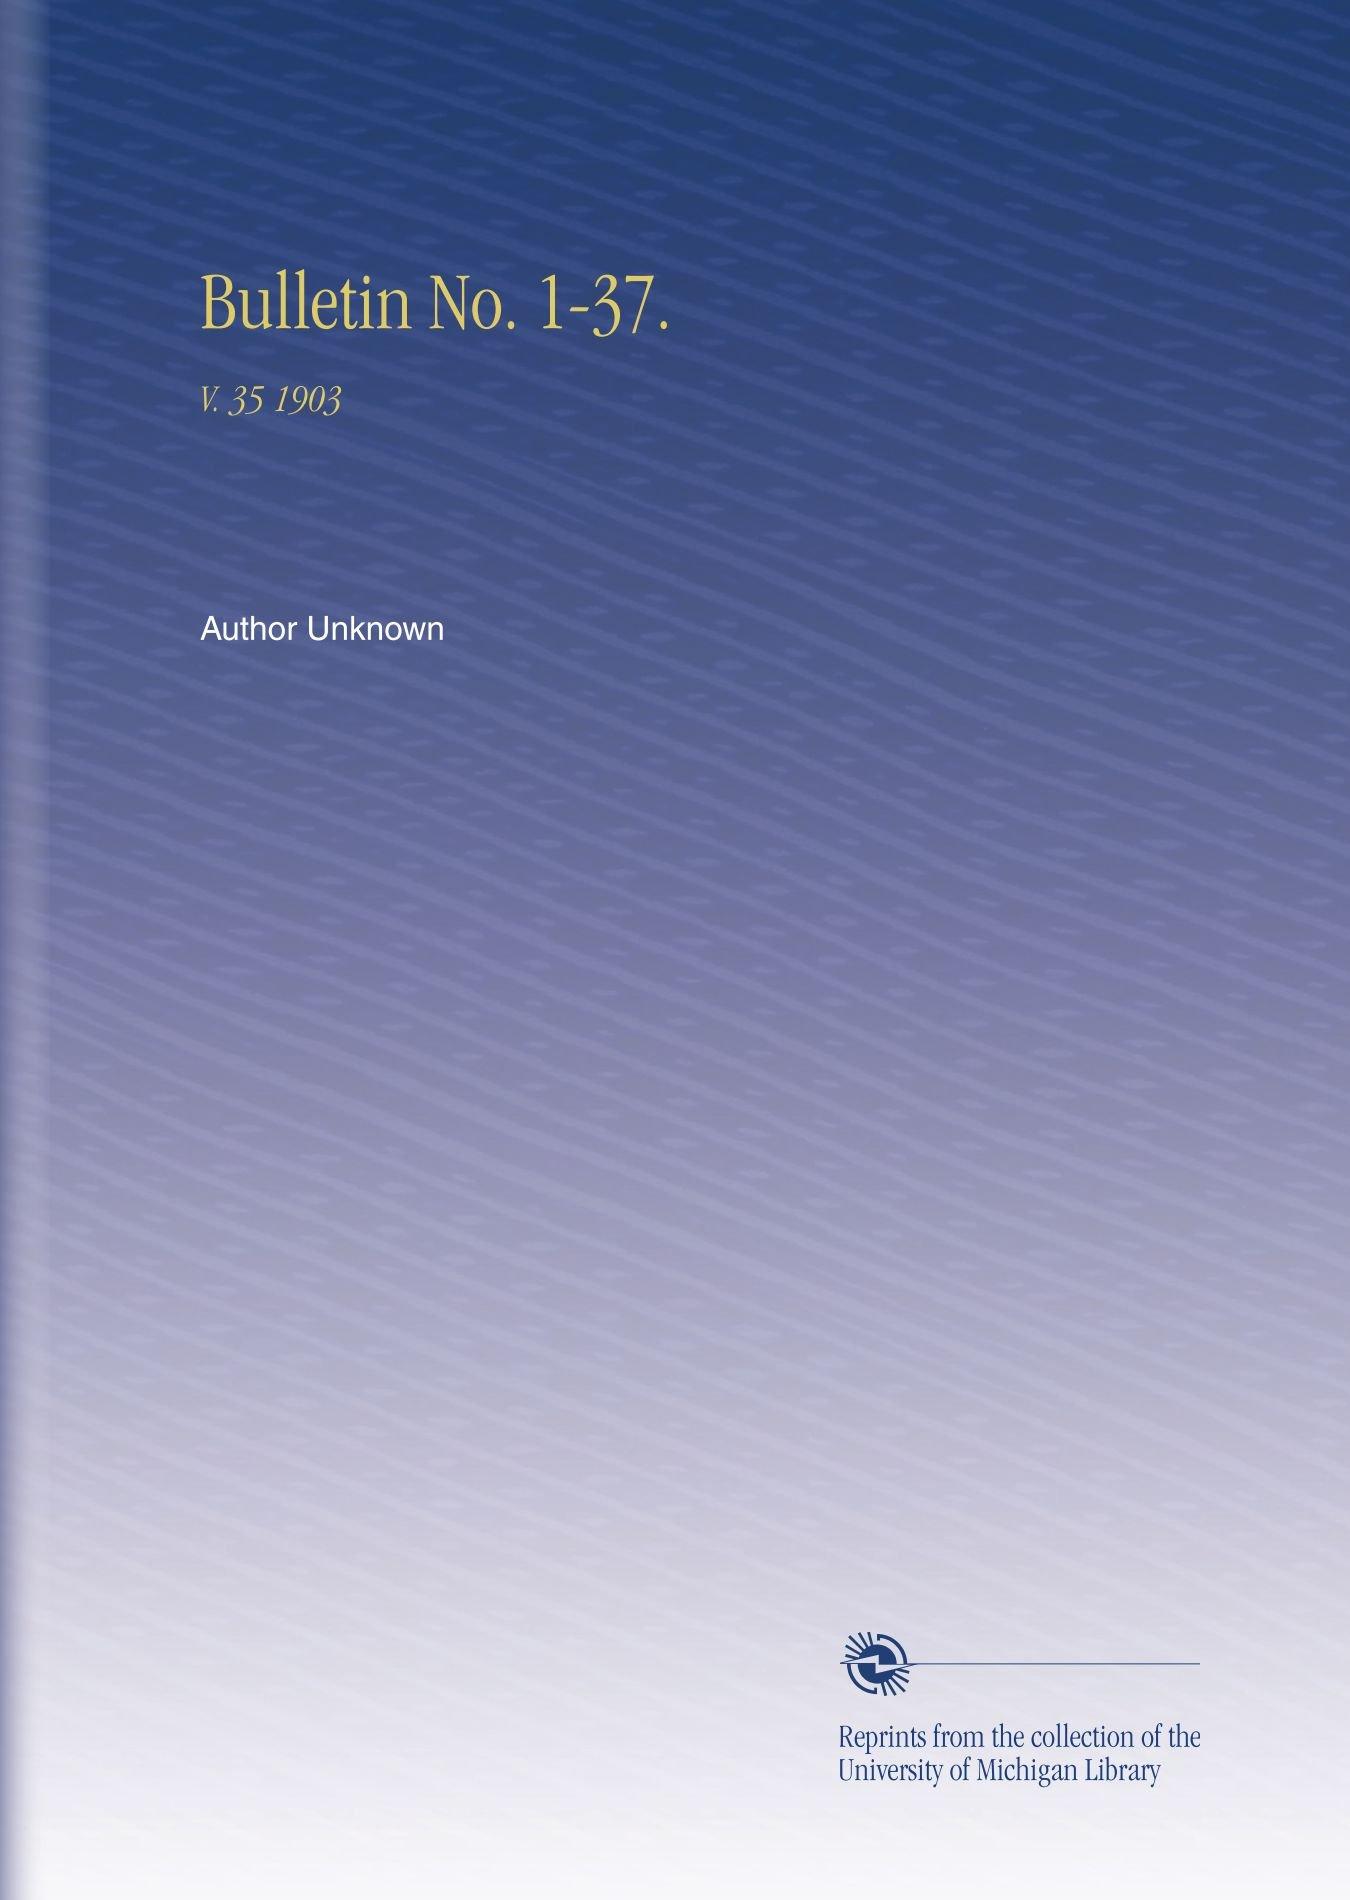 Download Bulletin No. 1-37.: V.  35 1903 ebook